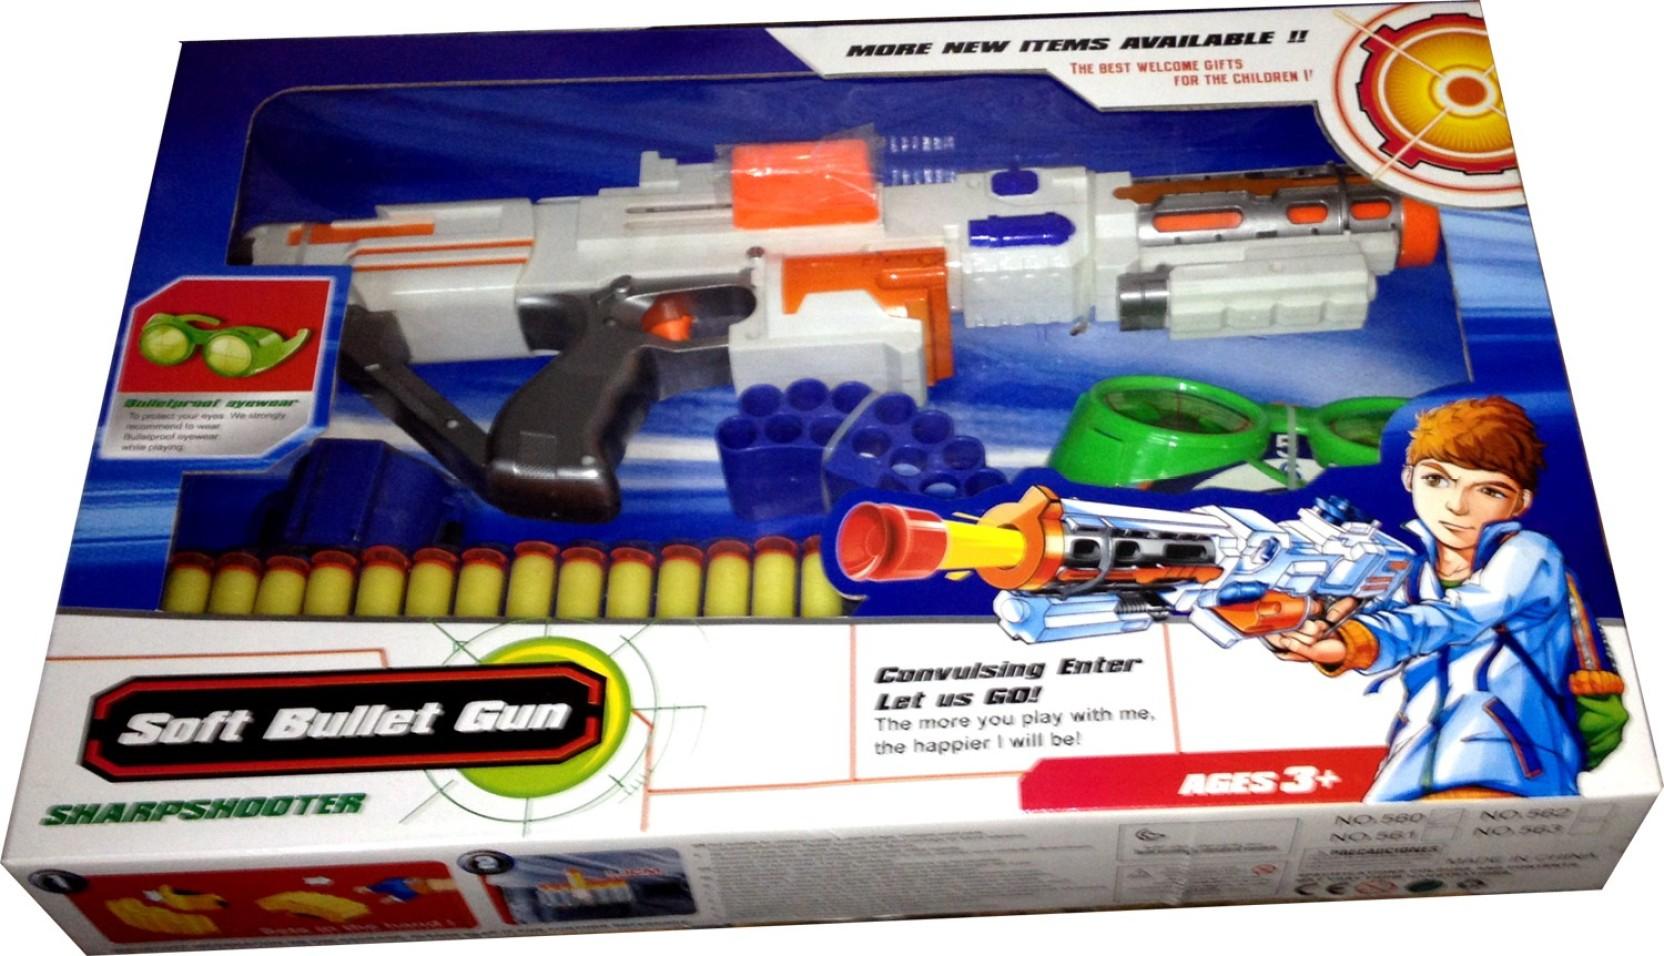 Toyzstation Sharp Shooter Soft Bullet Gun Share